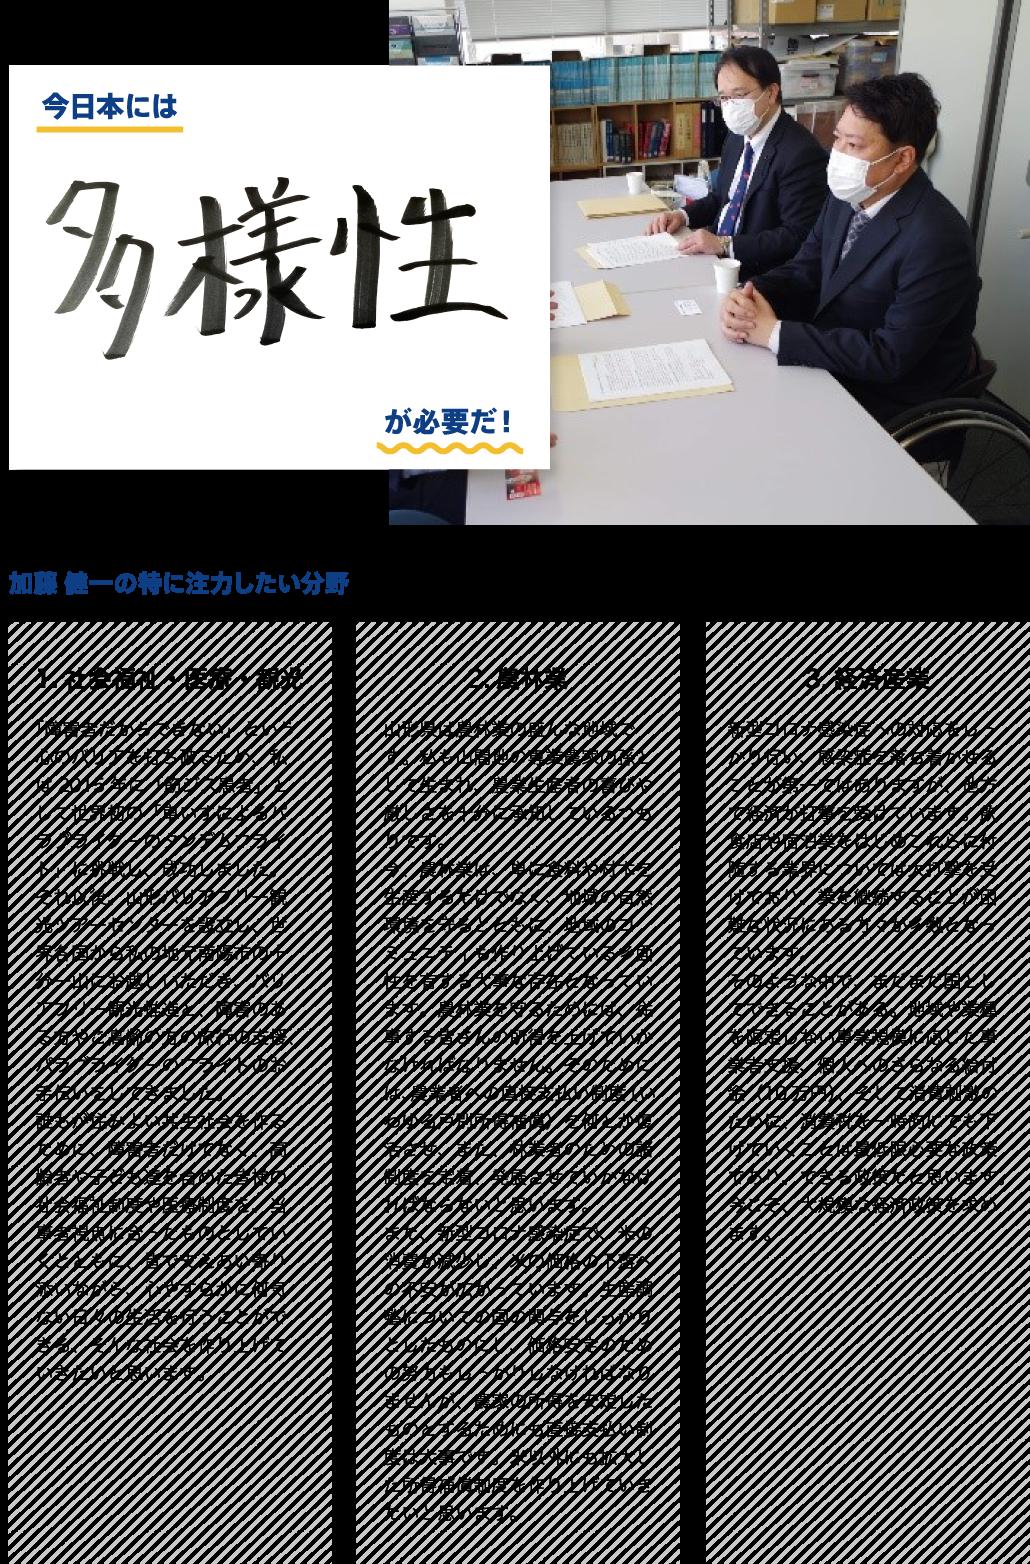 ●今日本には「多様性」が必要だ! ●加藤健一が特に注力したい分野:  社会福祉・医療・観光「「障害者だからできない」という心のバリアを打ち破るため、私は2015年に「筋ジス患者」として世界初の「車いすによるパラグライダーのタンデムフライト」に挑戦し、成功しました。それ以後、山形バリアフリー観光ツアーセンターを設立し、世界各国から私の地元南陽市の十分一山にお越しいただき、バリアフリー観光推進と、障害のある方やご高齢の方の旅行の支援、パラグライダーのフライトのお手伝いをしてきました。誰もが住みよい共生社会を作るために、障害者だけでなく、高齢者や子ども達を含めた皆様の社会福祉制度や医療制度を、当事者視点に合ったものとしていくとともに、皆で支えあい寄り添いながら、心やすらかに何気ない日々の生活を行うことができる、そんな社会を作り上げていきたいと思います。」、農林業「山形県は農林業の盛んな地域です。私も山間地の専業農家の孫として生まれ、農業生産者の喜びや厳しさを十分に承知しているつもりです。今、農林業は、単に食料や材木を生産するだけでなく、地域の自然環境を守るとともに、地域のコミュニティも作り上げている多面性を有する大事な存在となっています。農林業を守るためには、従事する皆さんの所得を上げていかなければなりません。そのためには、農業者への直接支払い制度(いわゆる戸別所得補償)を何とか復活させ、また、林業者のための諸制度を定着、発展させていかなければならないと思います。また、新型コロナ感染症で、米の消費が減少し、米の価格の下落への不安が広がっています。生産調整についての国の関与をしっかりとしたものにし、価格安定のための努力もしっかりしなければなりませんが、農家の所得を安定したものとするためにも直接支払い制度は大事です。米以外にも拡大した所得補償制度を作り上げていきたいと思います。」、経済産業「新型コロナ感染症への対応をしっかり行い、感染症を落ち着かせることが第一ではありますが、他方で経済が打撃を受けています。飲食店や宿泊業をはじめこれらに付随する業界については大打撃を受けており、業を継続することが困難な状況にある方々が多数となっています。そのような中で、まだまだ国としてできることがある。地域や業種を限定しない事業規模に応じた事業者支援、個人へのさらなる給付金(10万円)、そして消費刺激のために、消費税を一時的にでも下げていくことは最低限必要な政策であり、できる政策だと思います。今こそ、大規模な経済政策を求めます。」